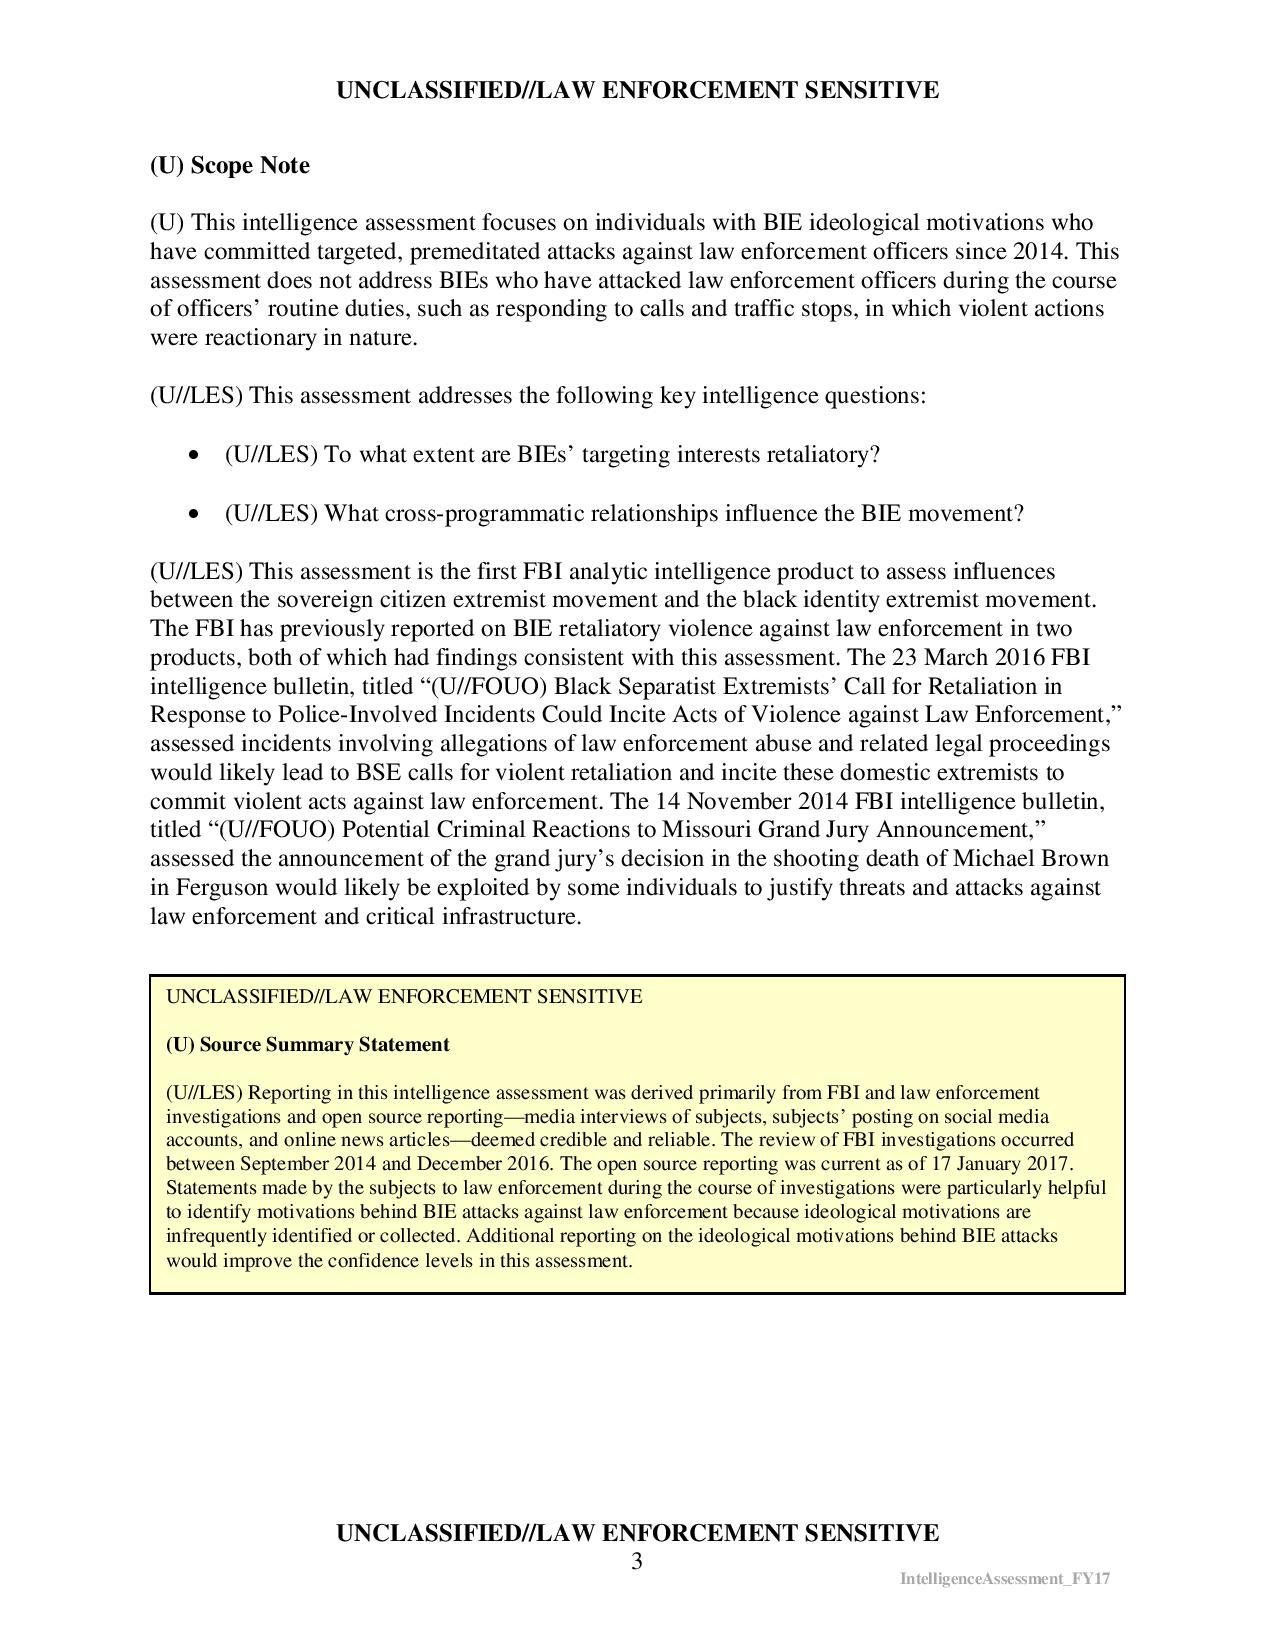 BIE-Redacted-page-003.jpg